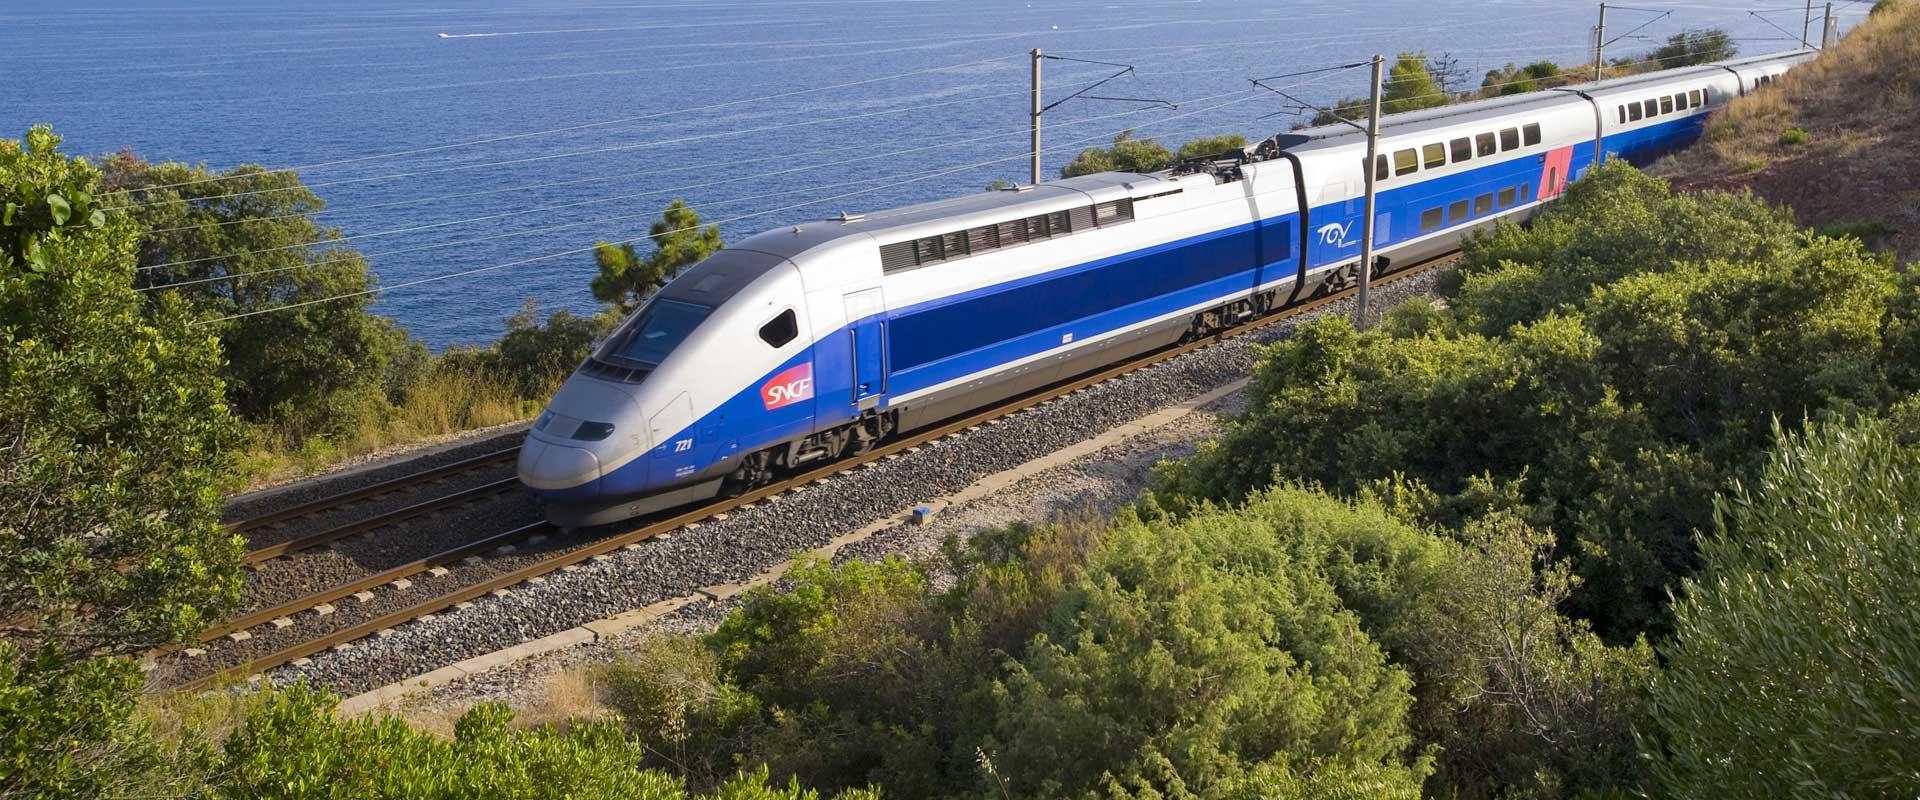 Trem França Espanha – 30%OFF em 1ª Classe